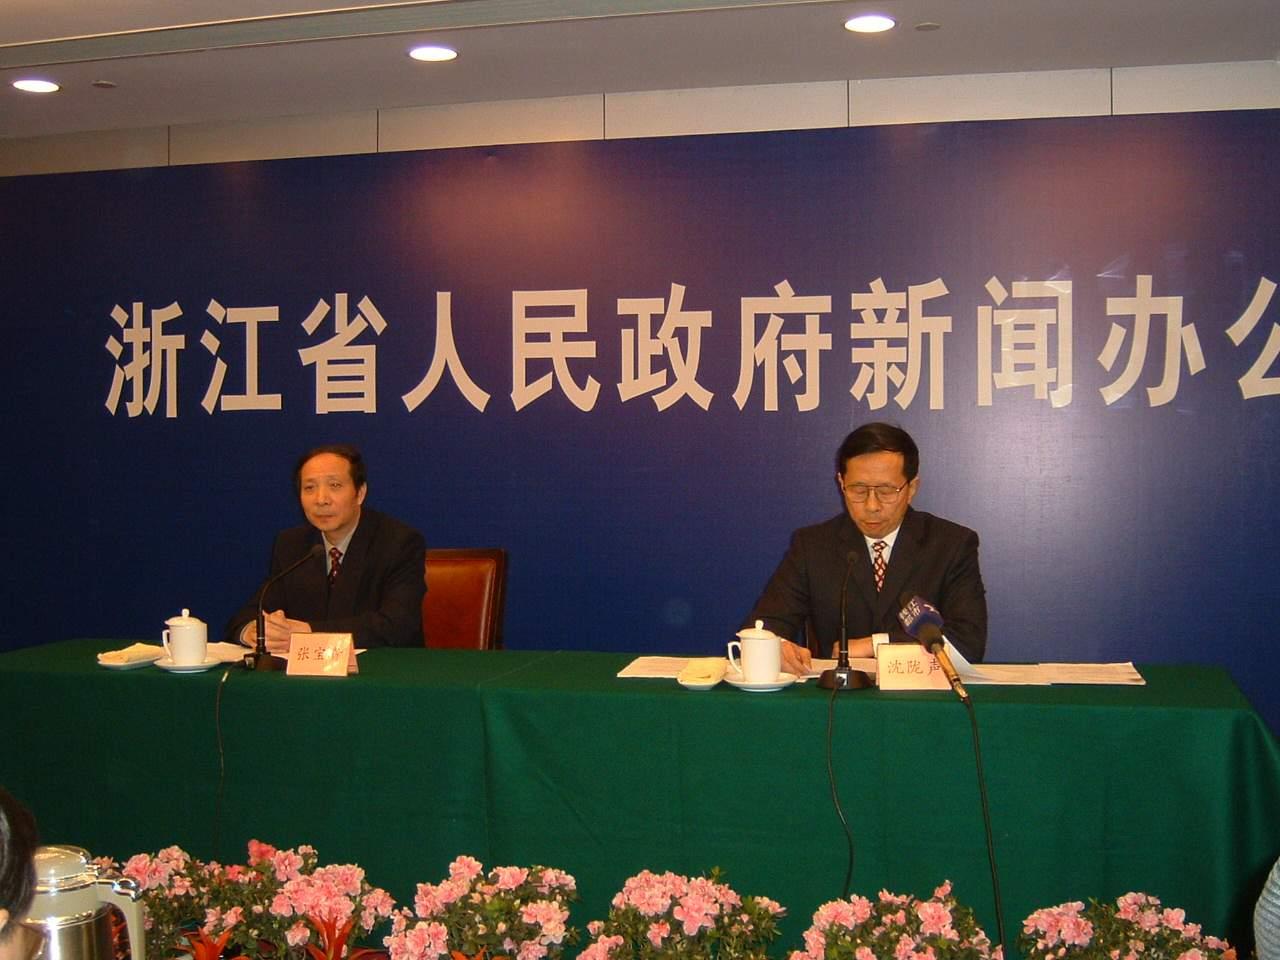 杭州航空口岸对外国籍飞机开放 航线紧张筹备中